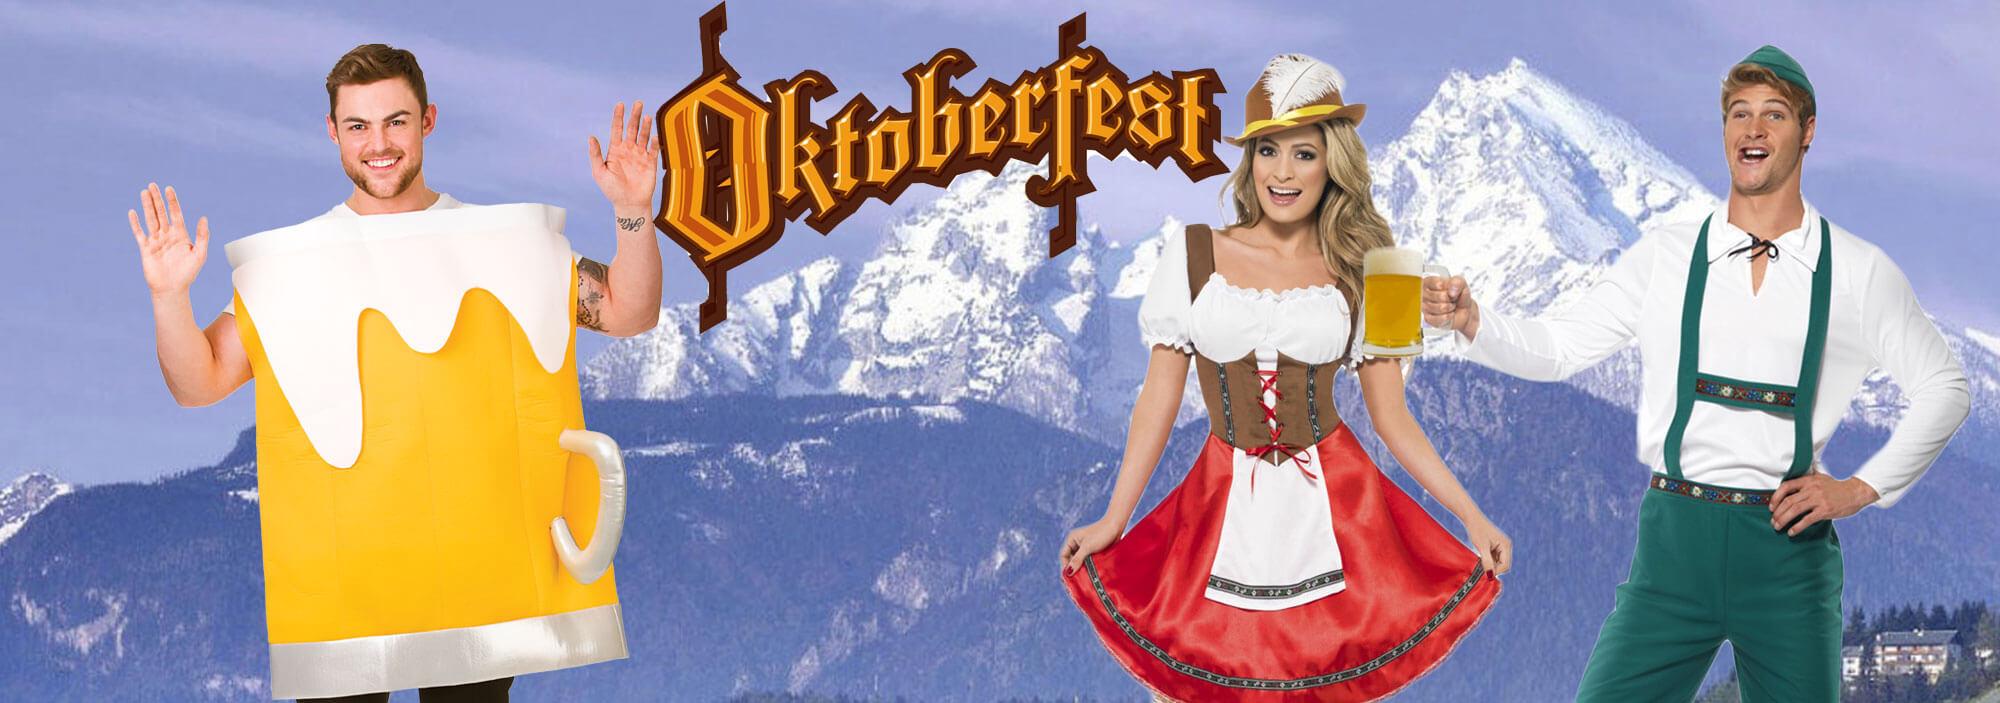 Oktoberfest, BeerFest, Octoberfest Fancy Dress